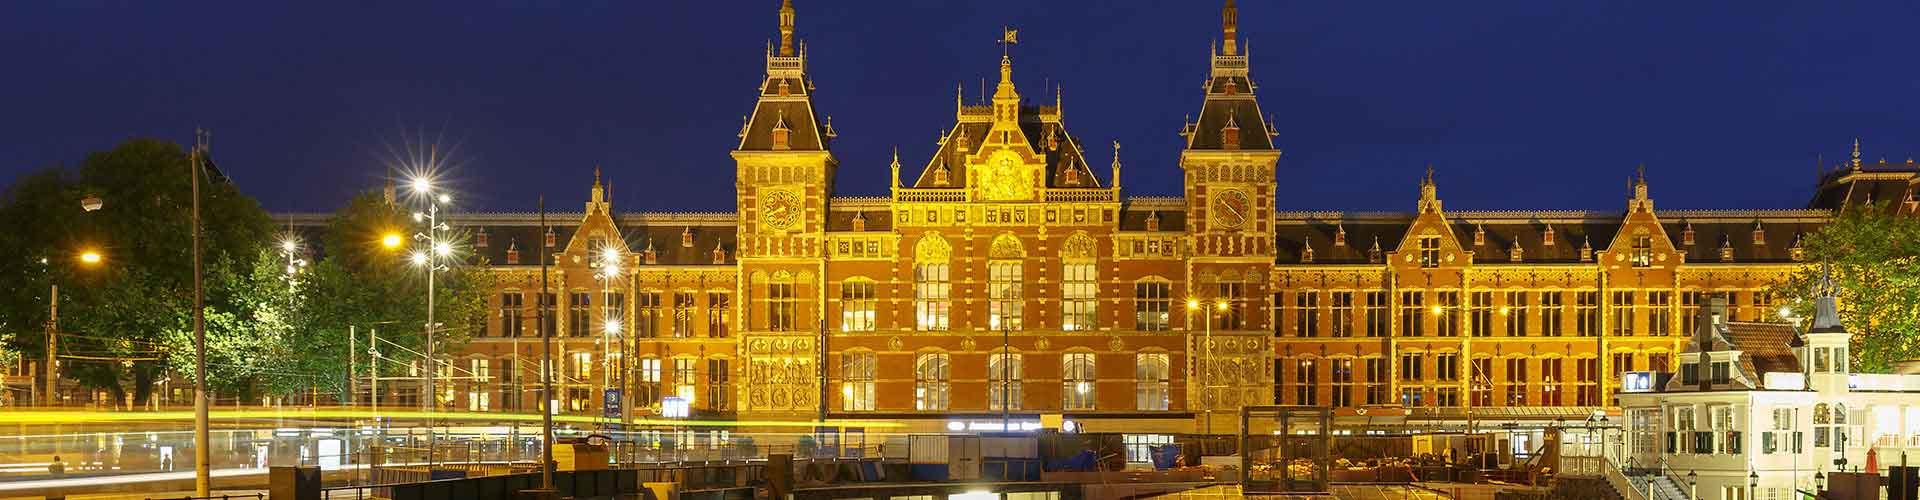 阿姆斯特丹 – 阿姆斯特丹中央火车站 附近的青年旅舍。阿姆斯特丹地图,阿姆斯特丹 所有青年旅馆的照片和评分。